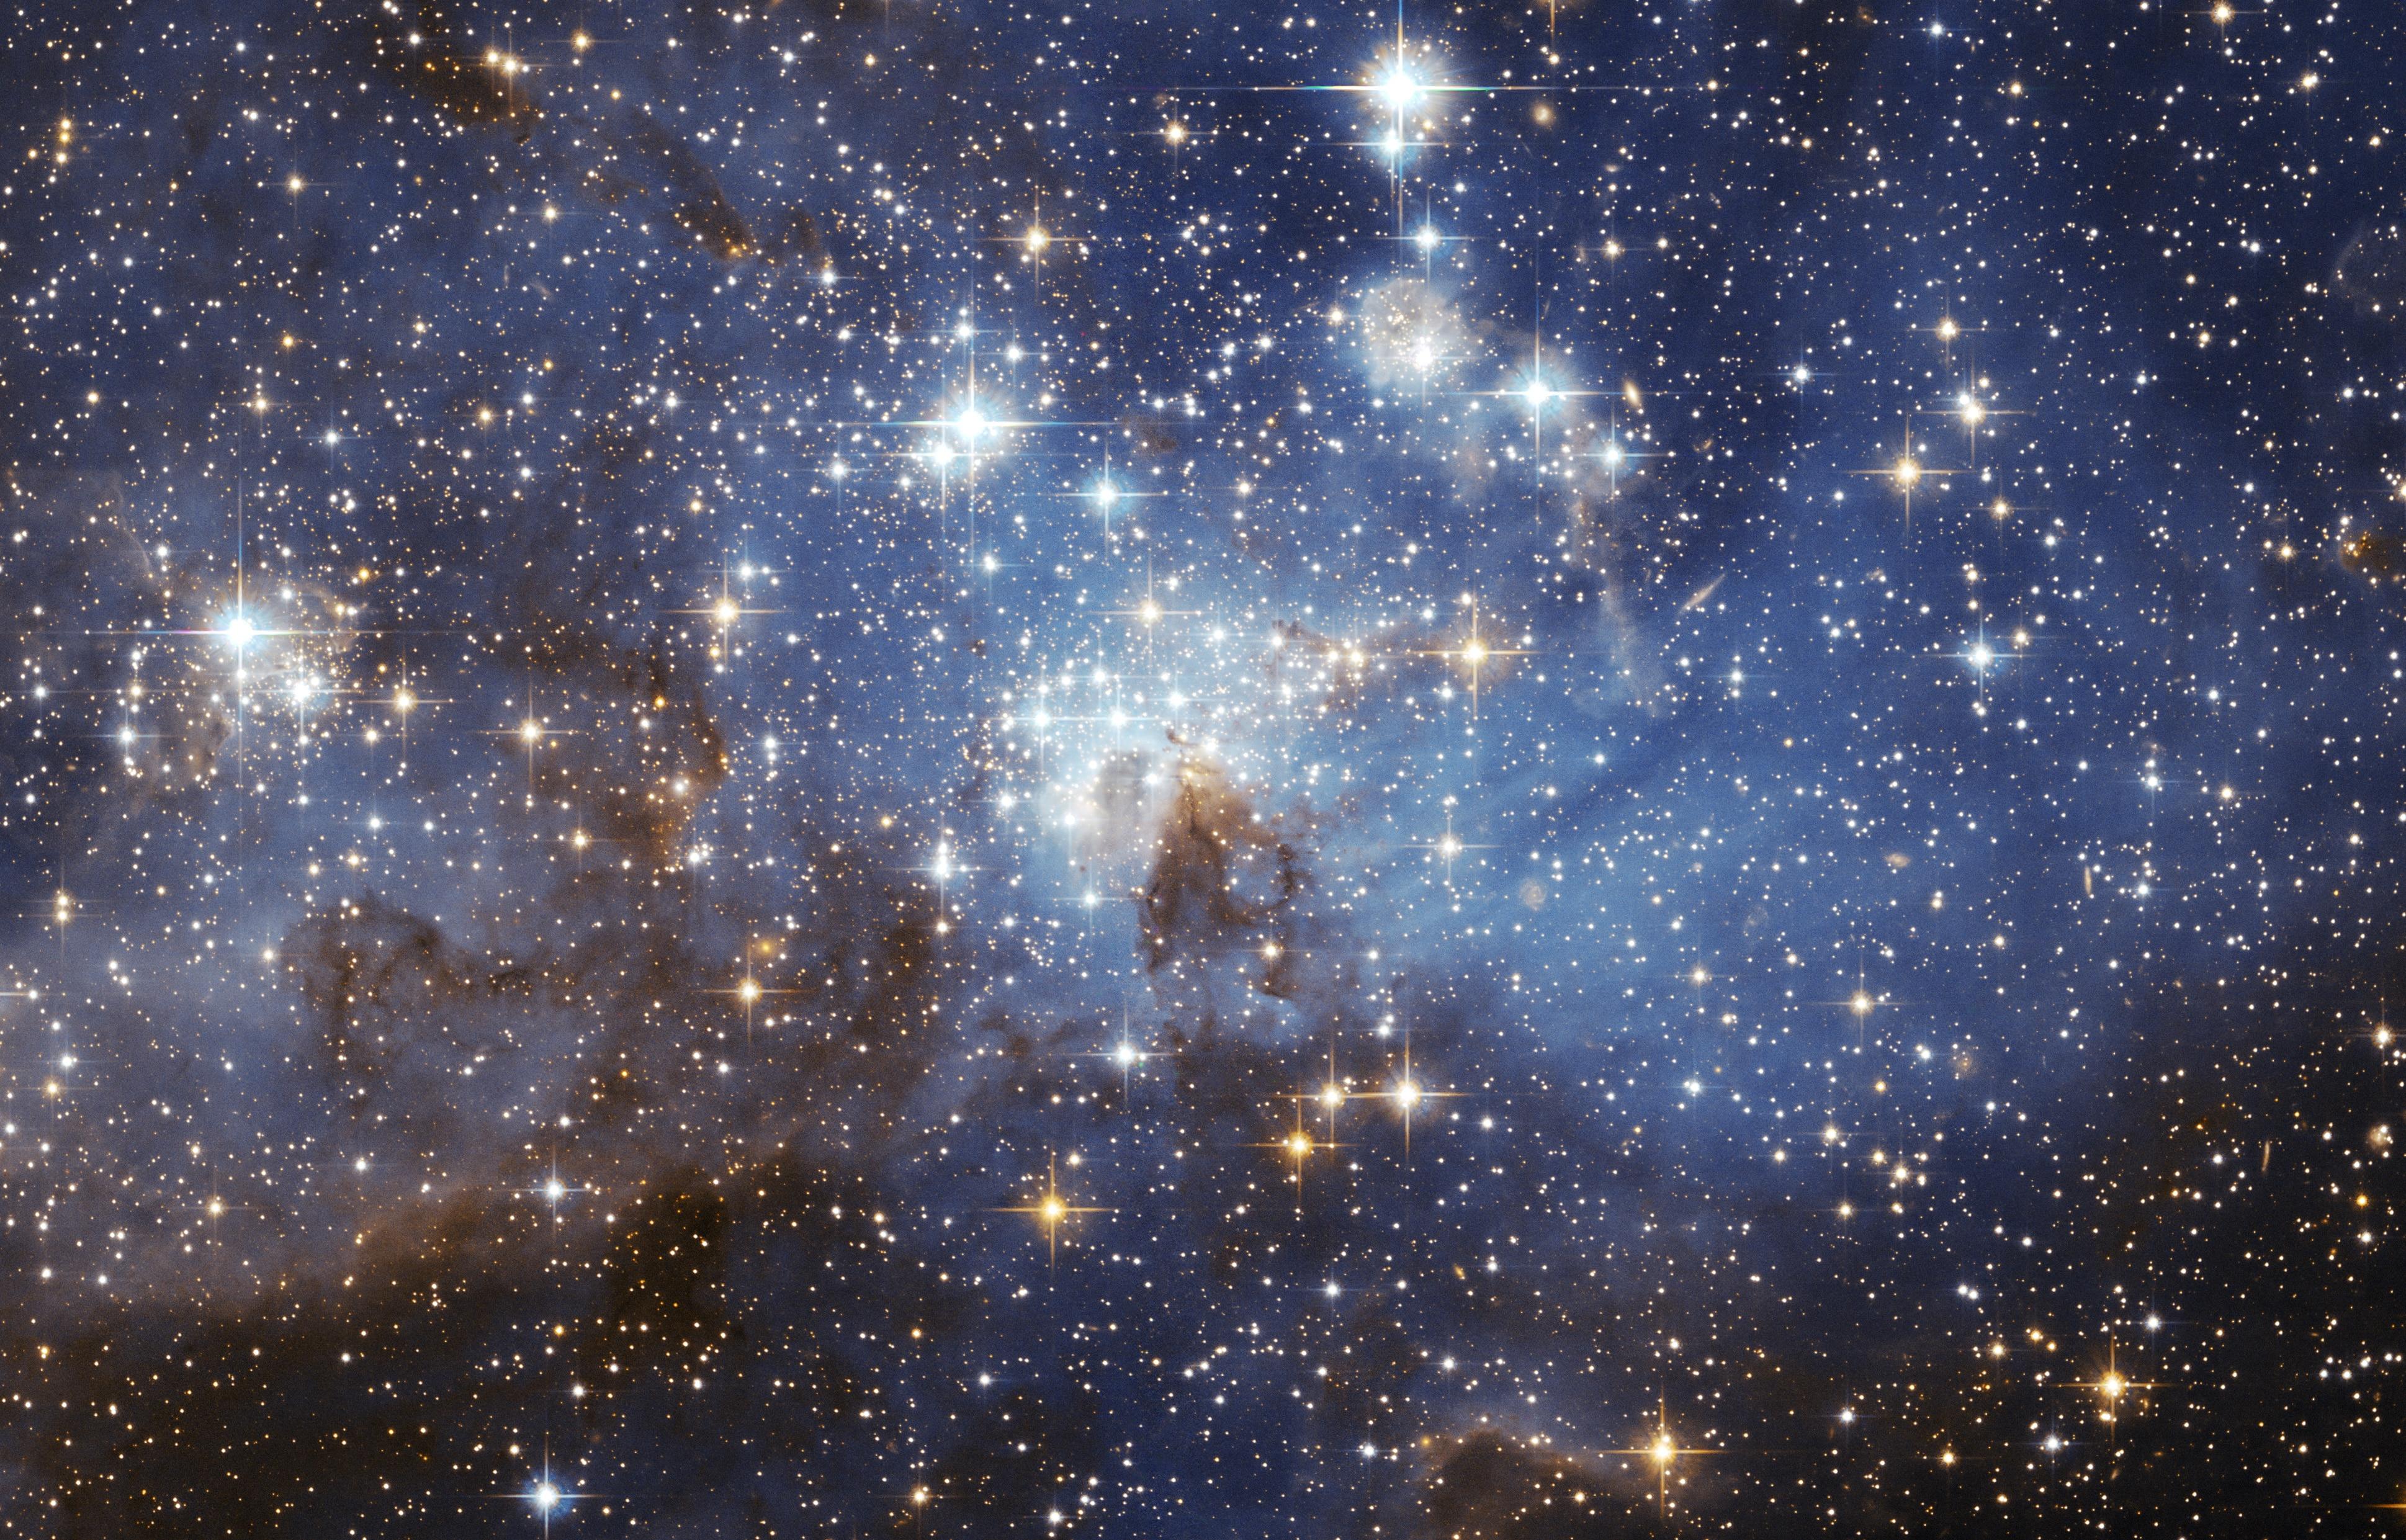 Biểu Tượng Trong Tarot – Ngôi Sao (Star)